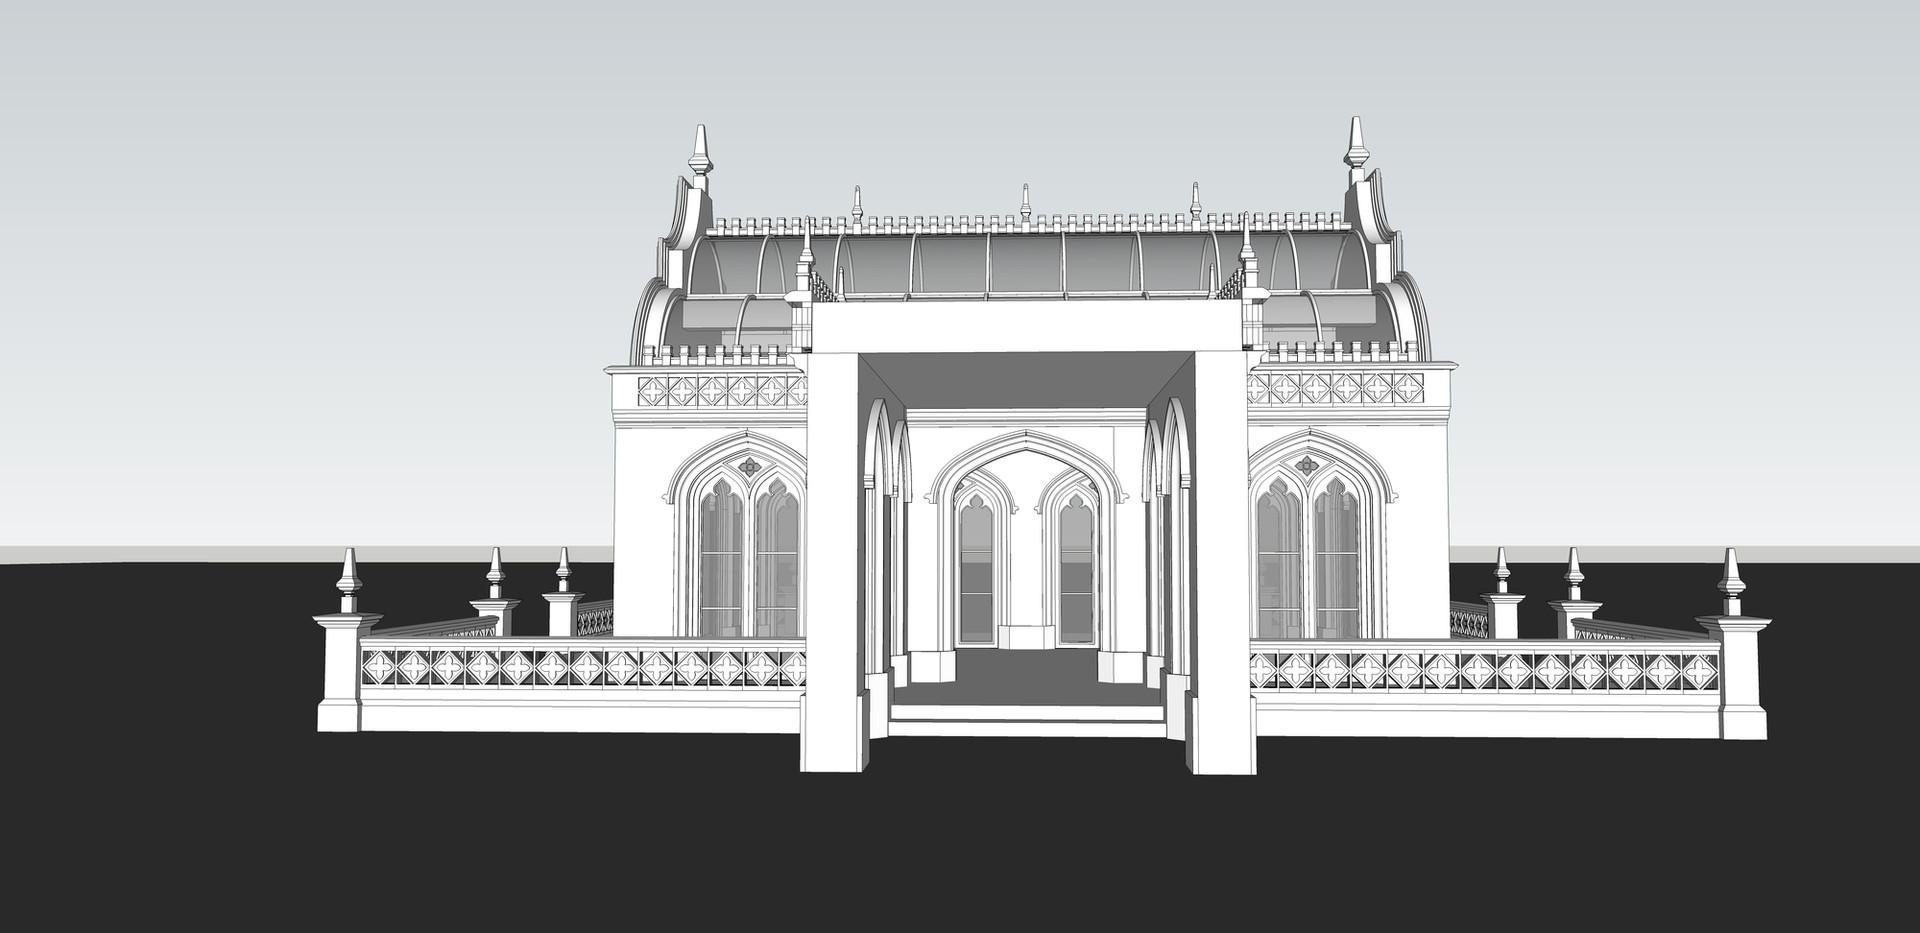 Ashby orangery - Visual 4.jpg